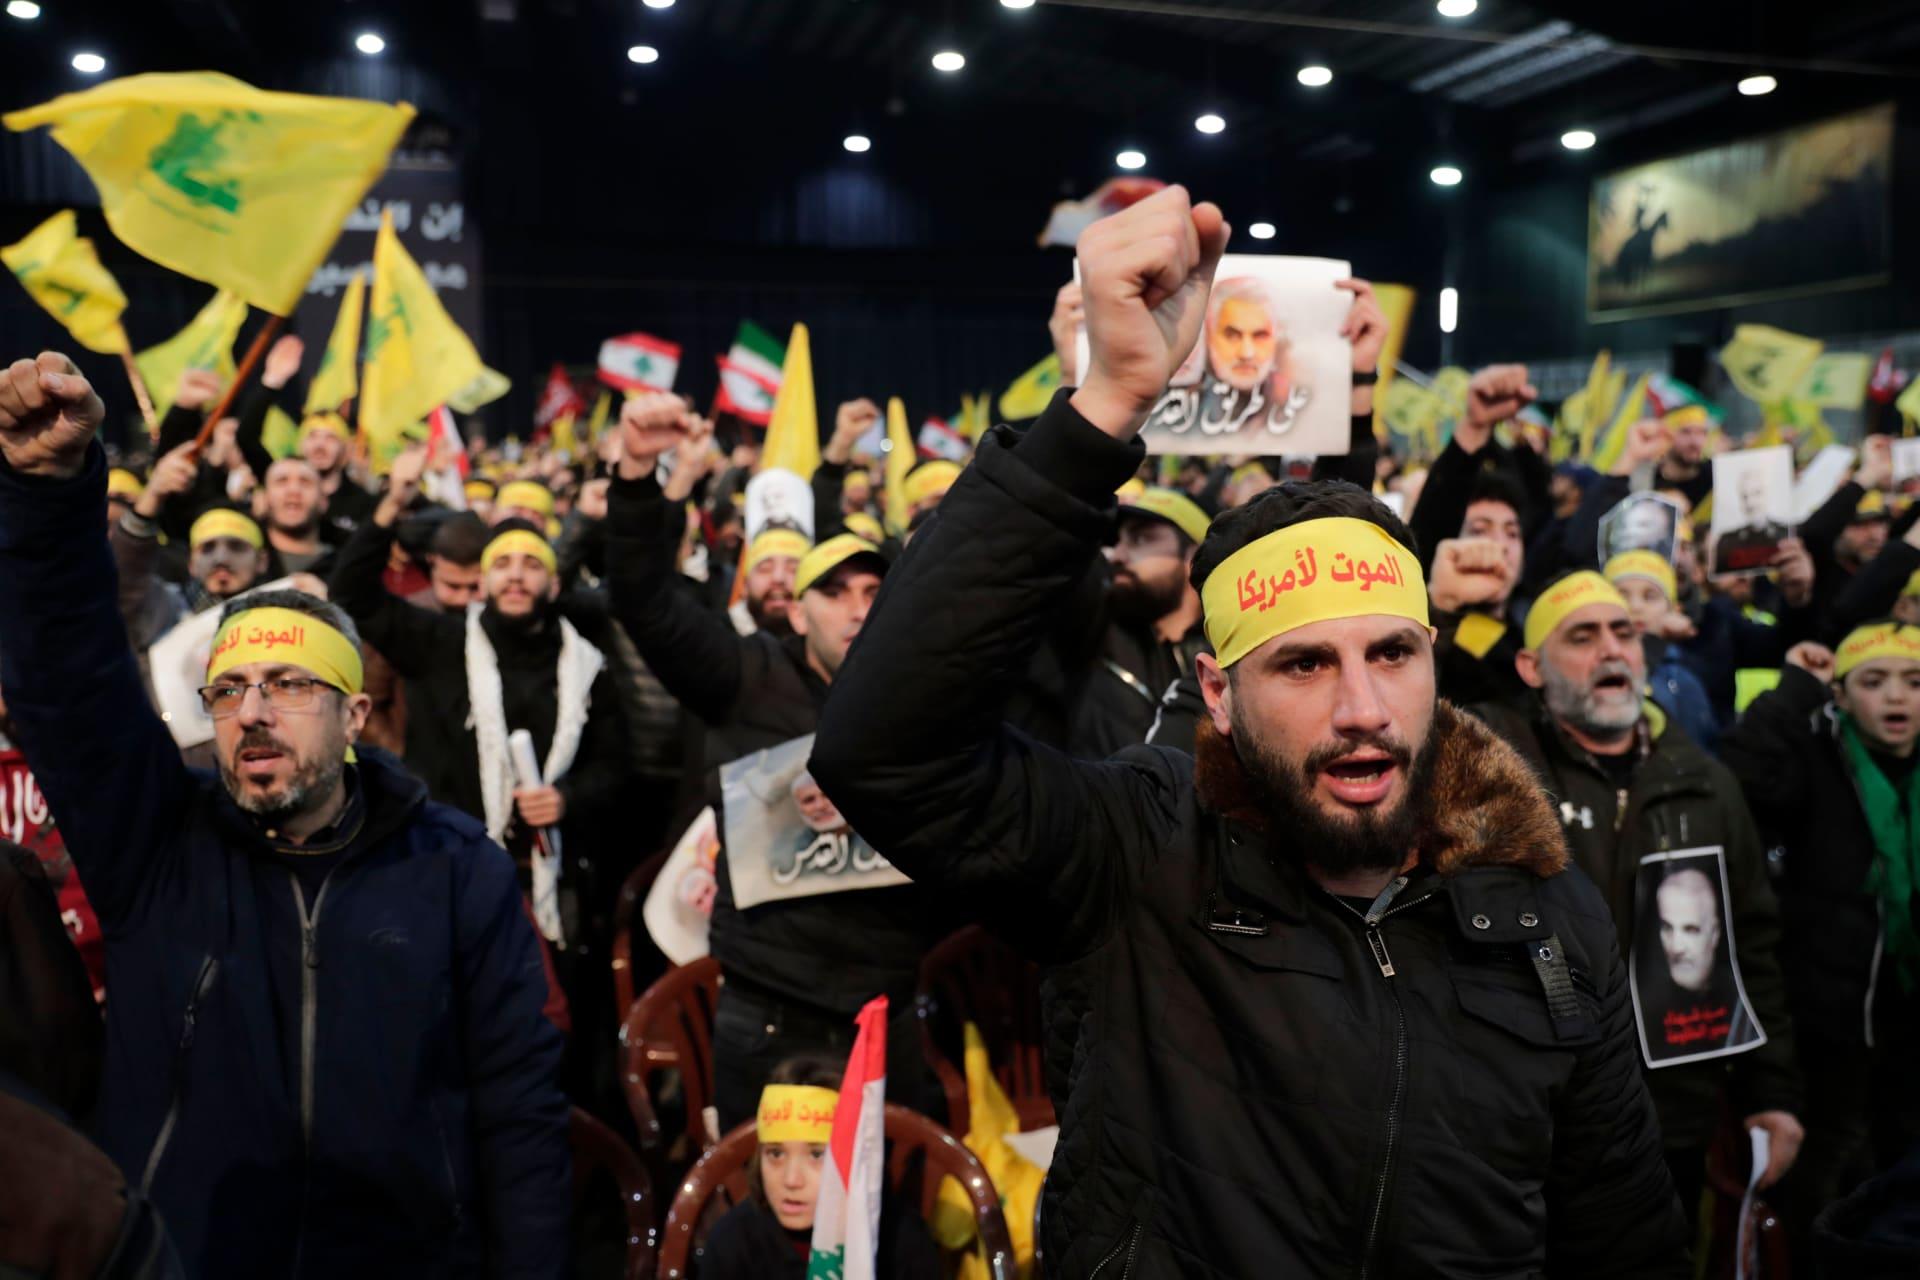 تجمع لعدد من أنصار حزب الله اللبناني في بيروت